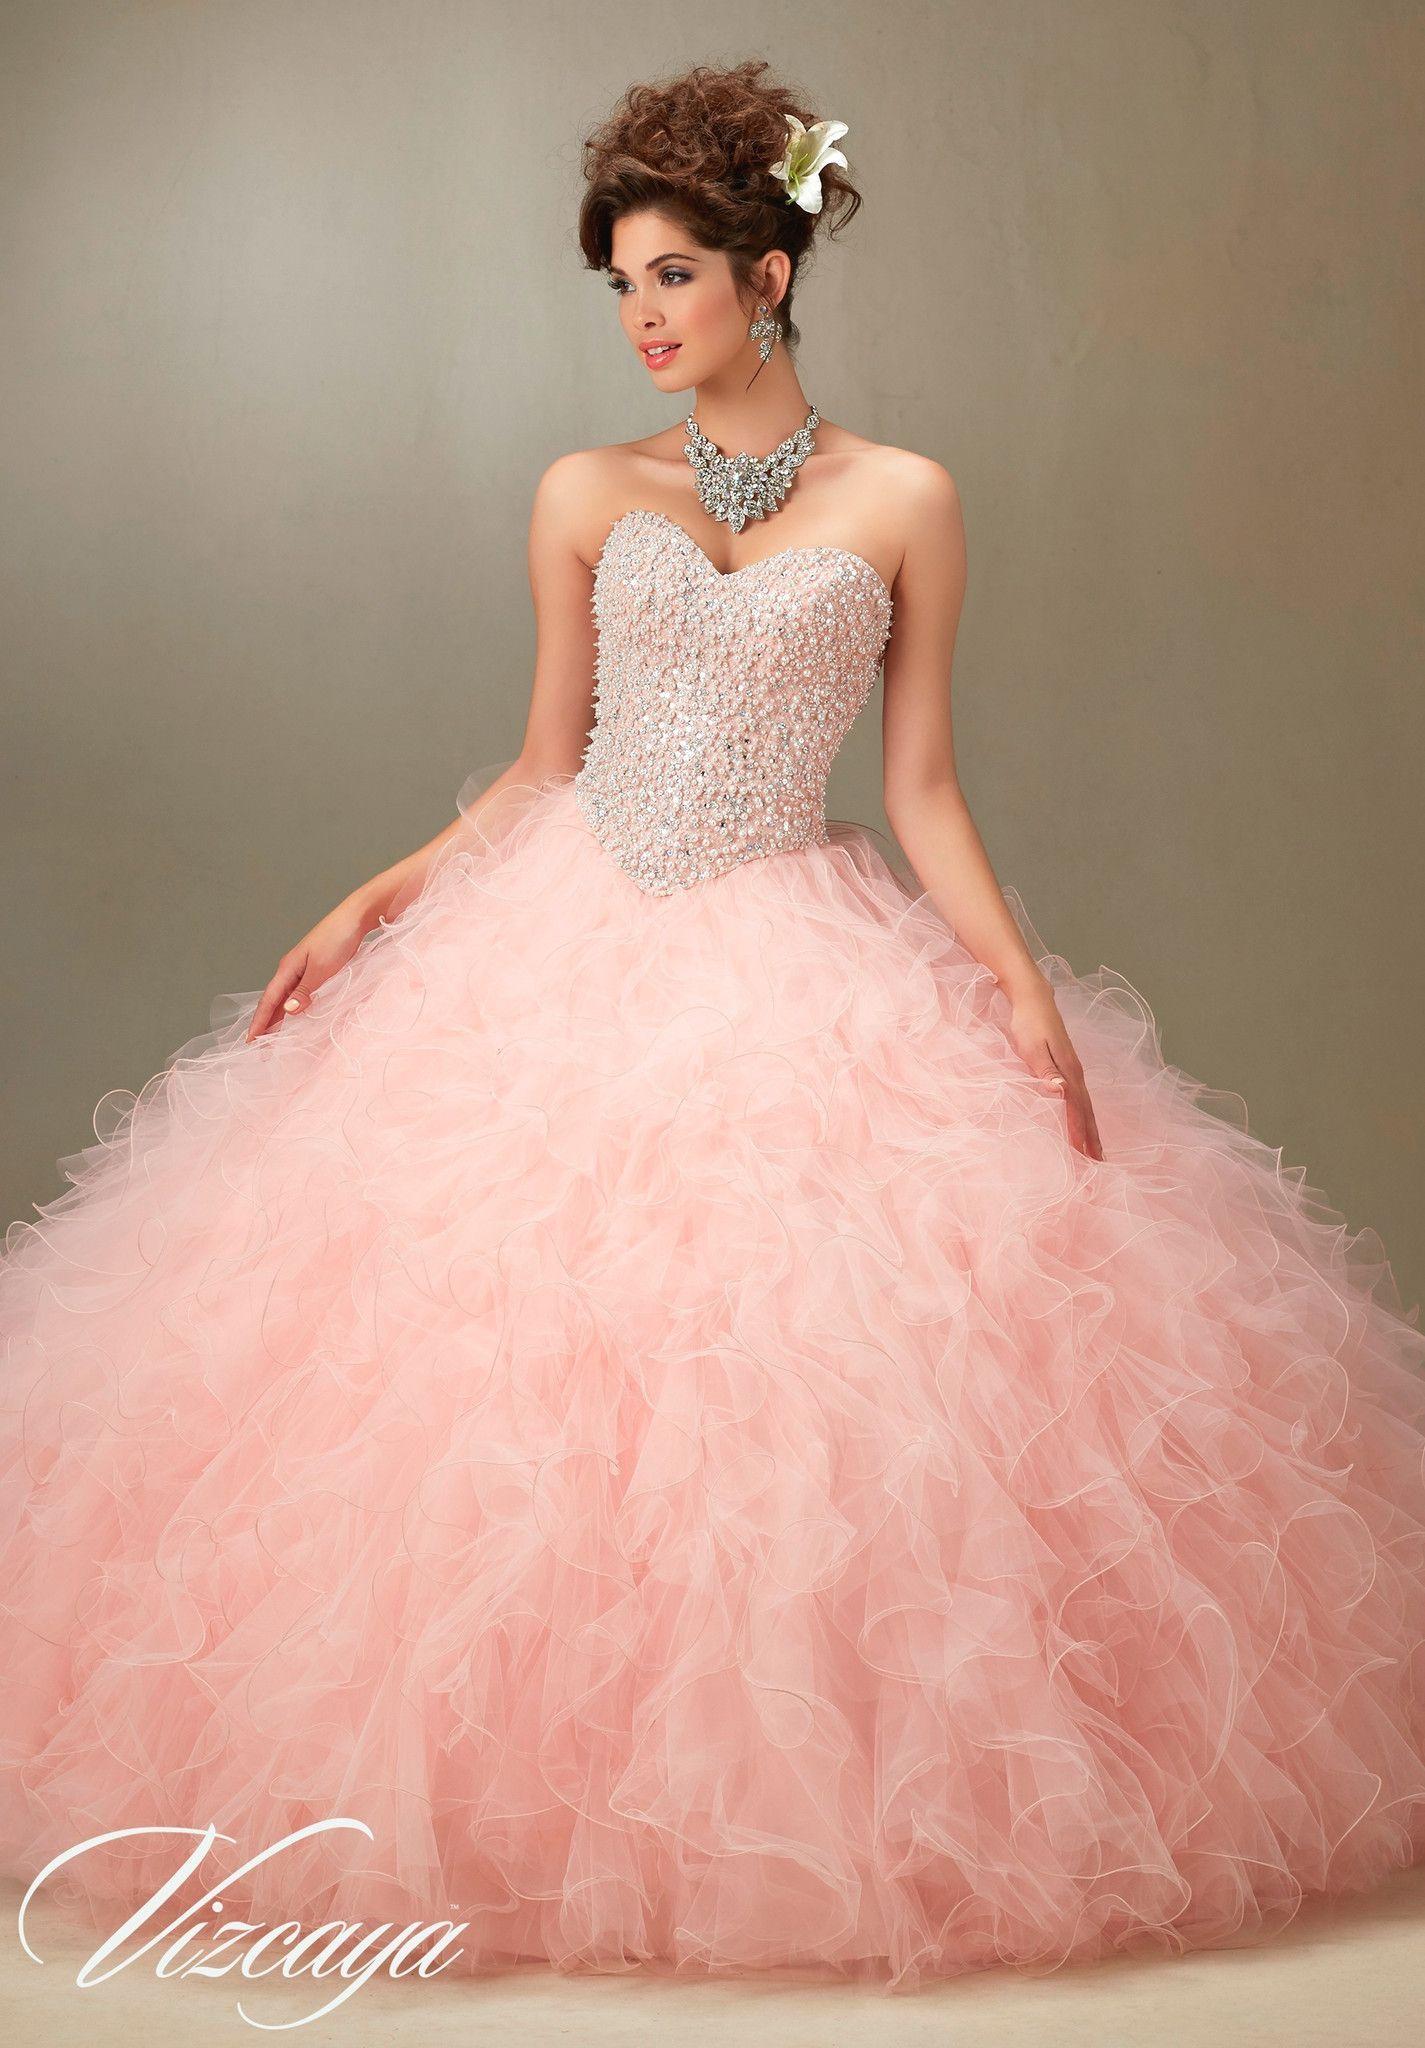 Mori Lee Quinceanera Dress 89077   Vestiditos, 15 años y Mis 15 años